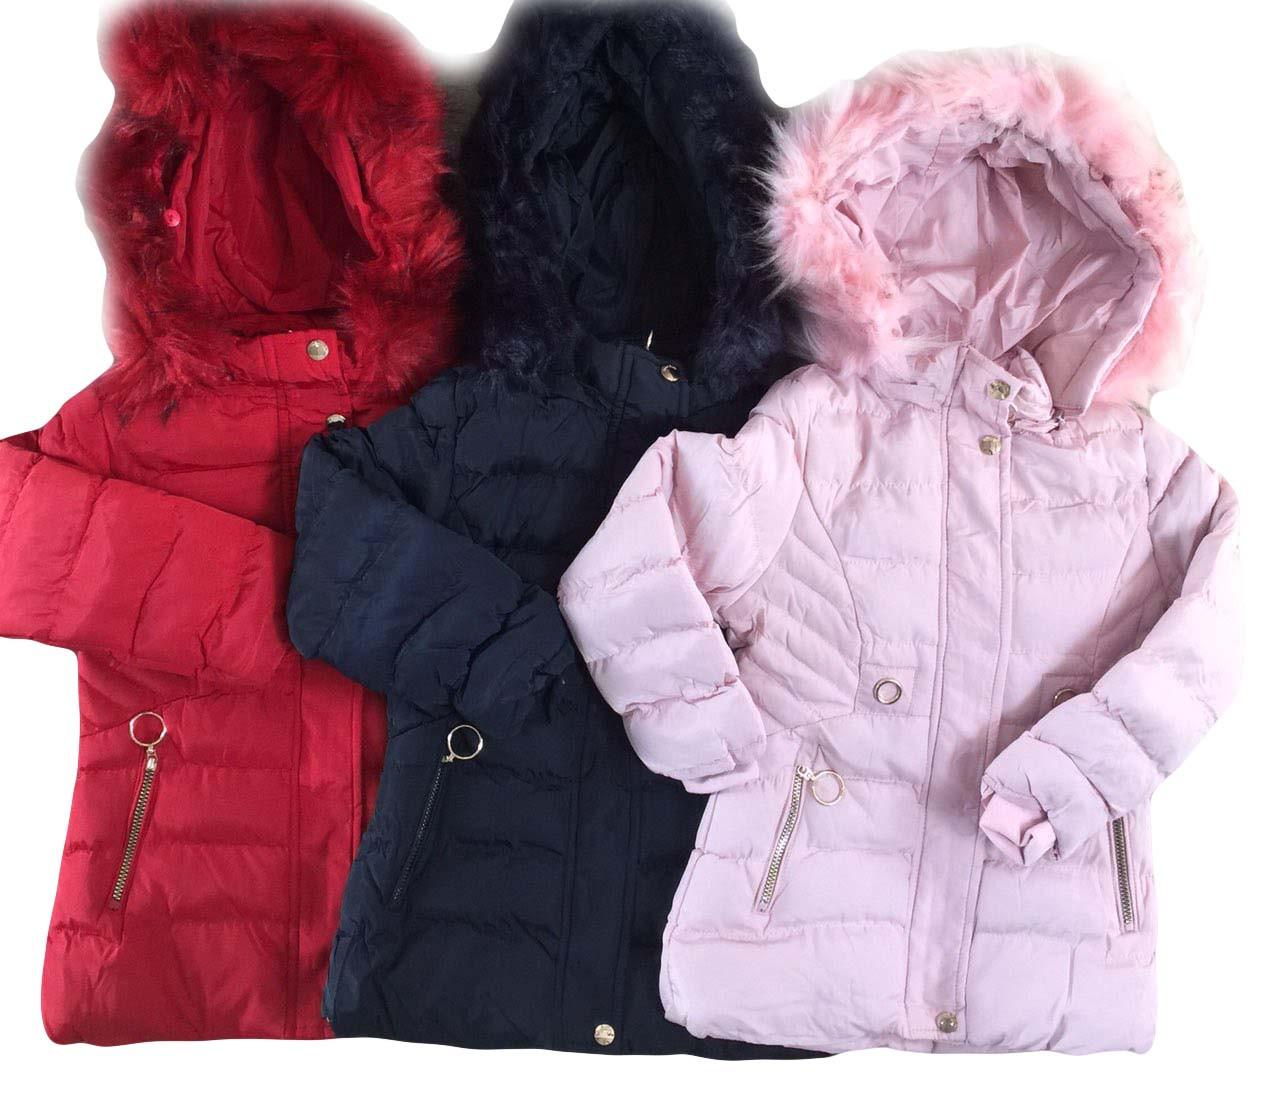 Куртки для девочек утеплённые оптом , размеры 12-36 мес, Nature, арт. RSG-5521